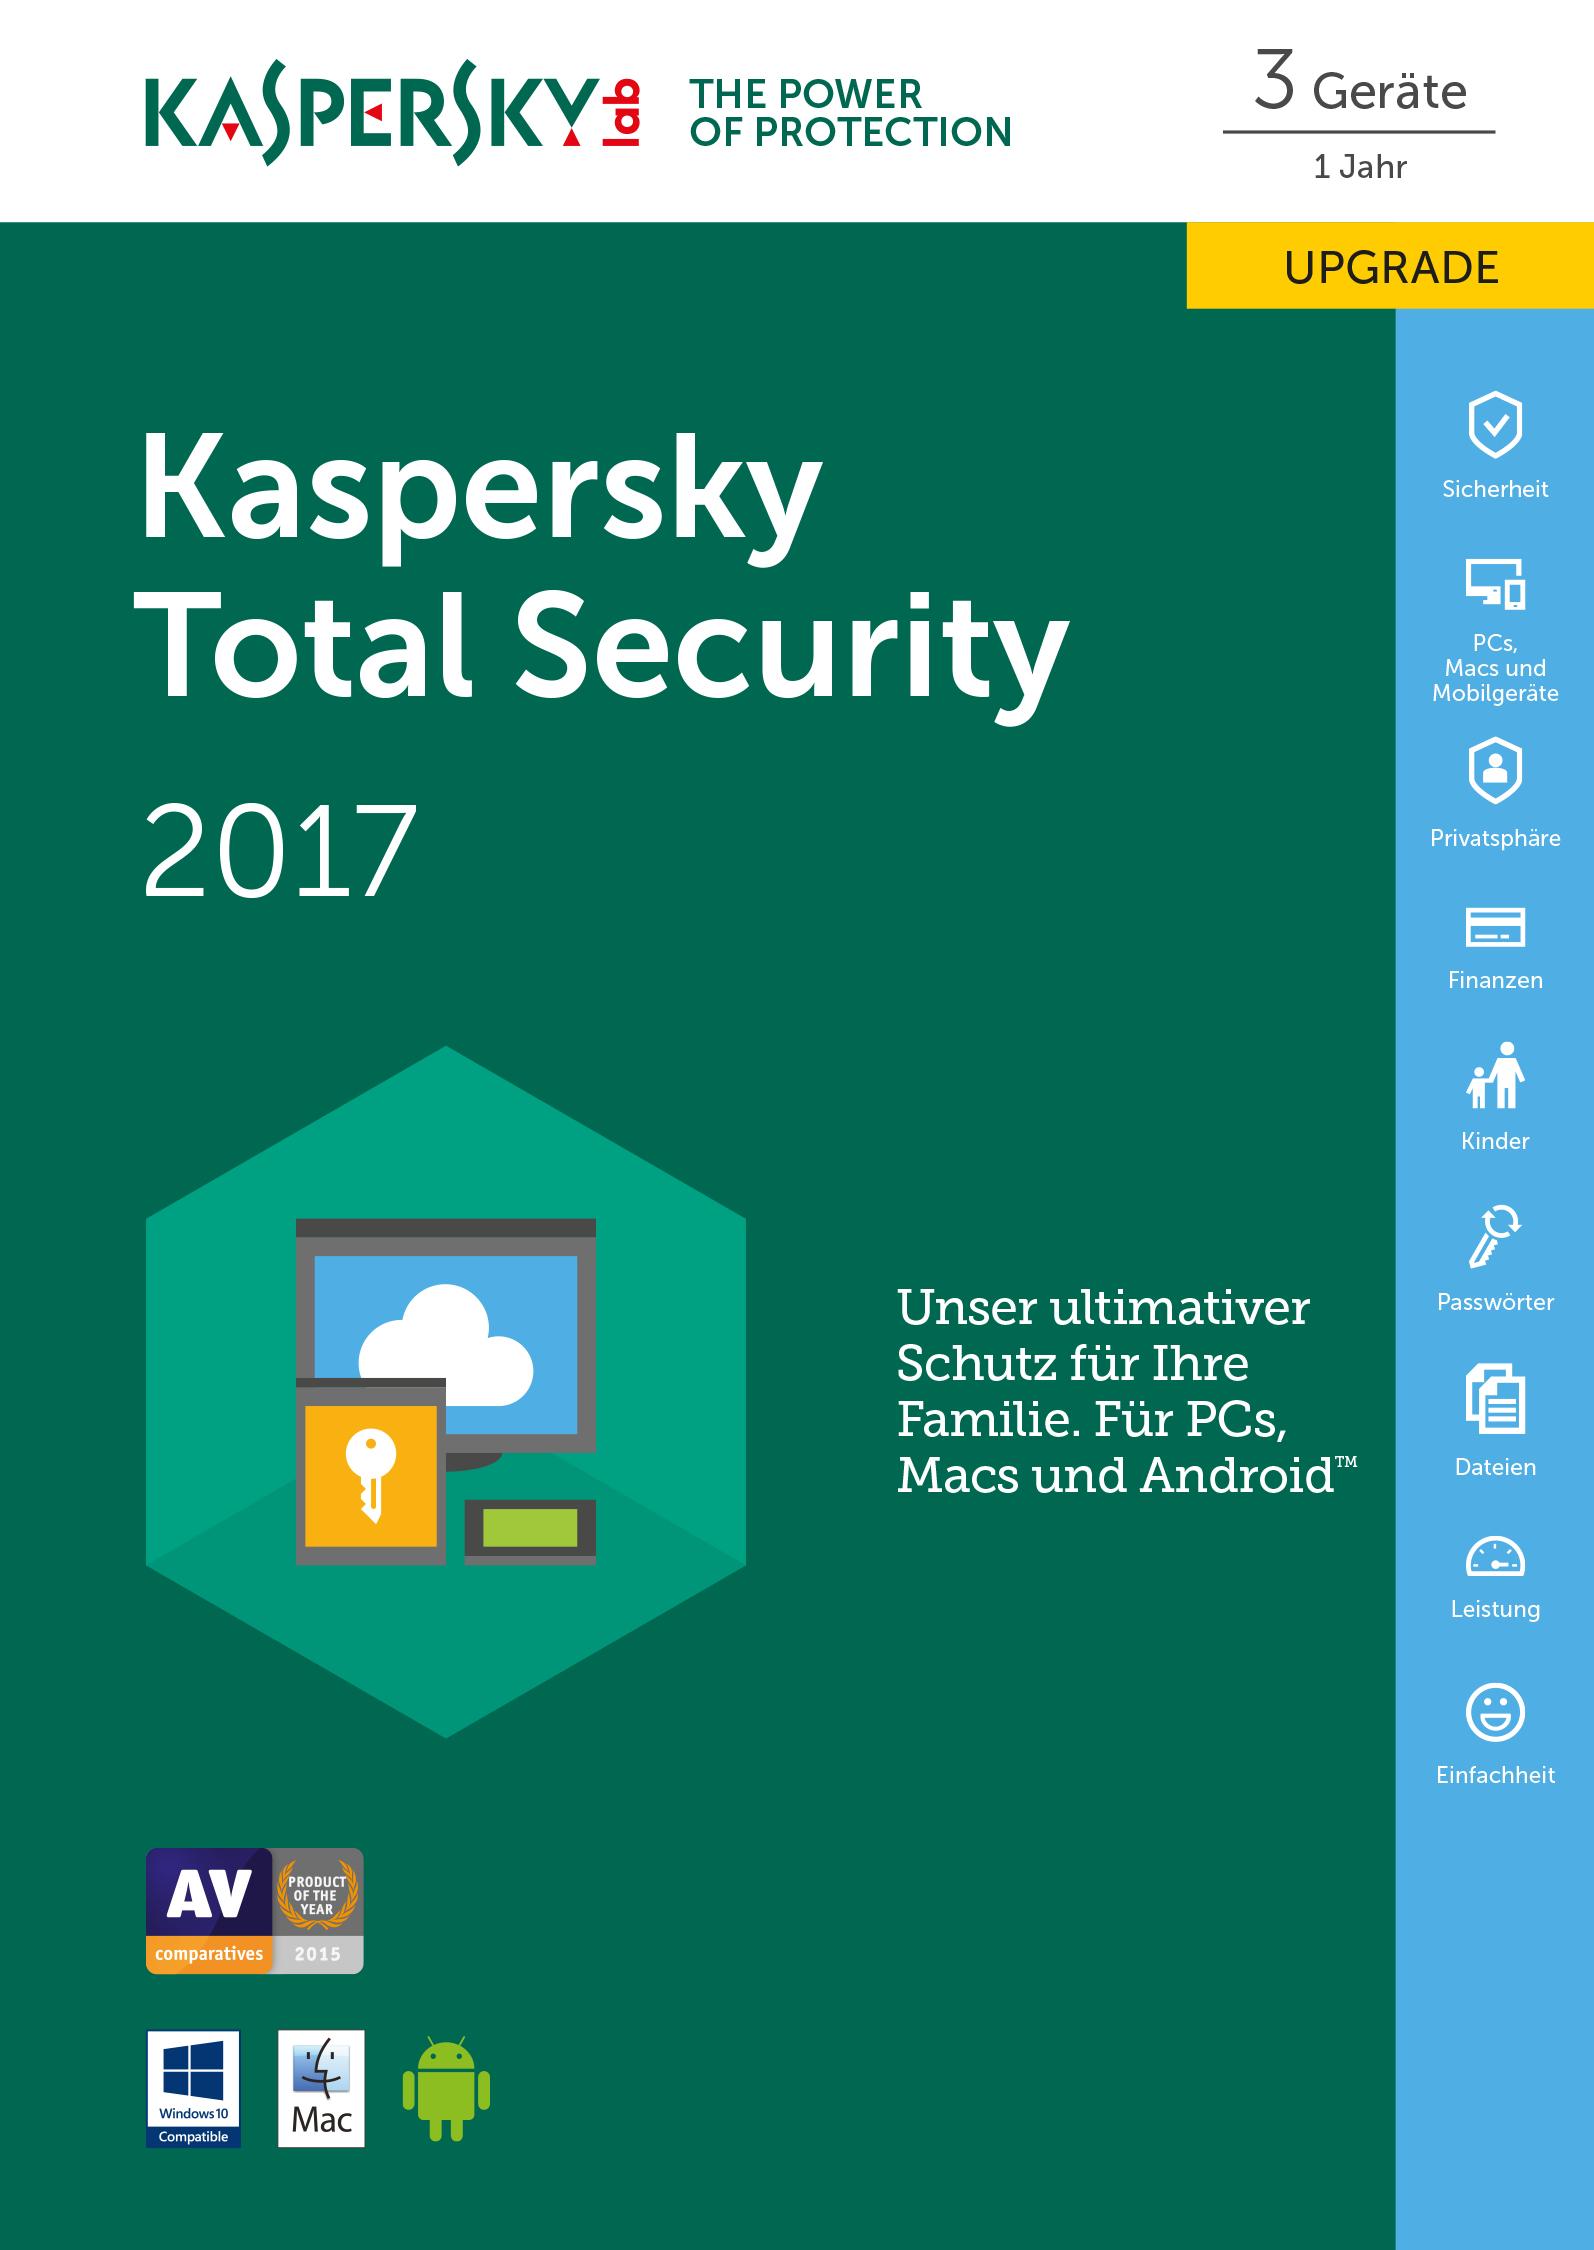 Kaspersky Total Security 2017 - Box-Pack (Upgrade) ( 1 Jahr ) - 3 Geräte ( Sierra )